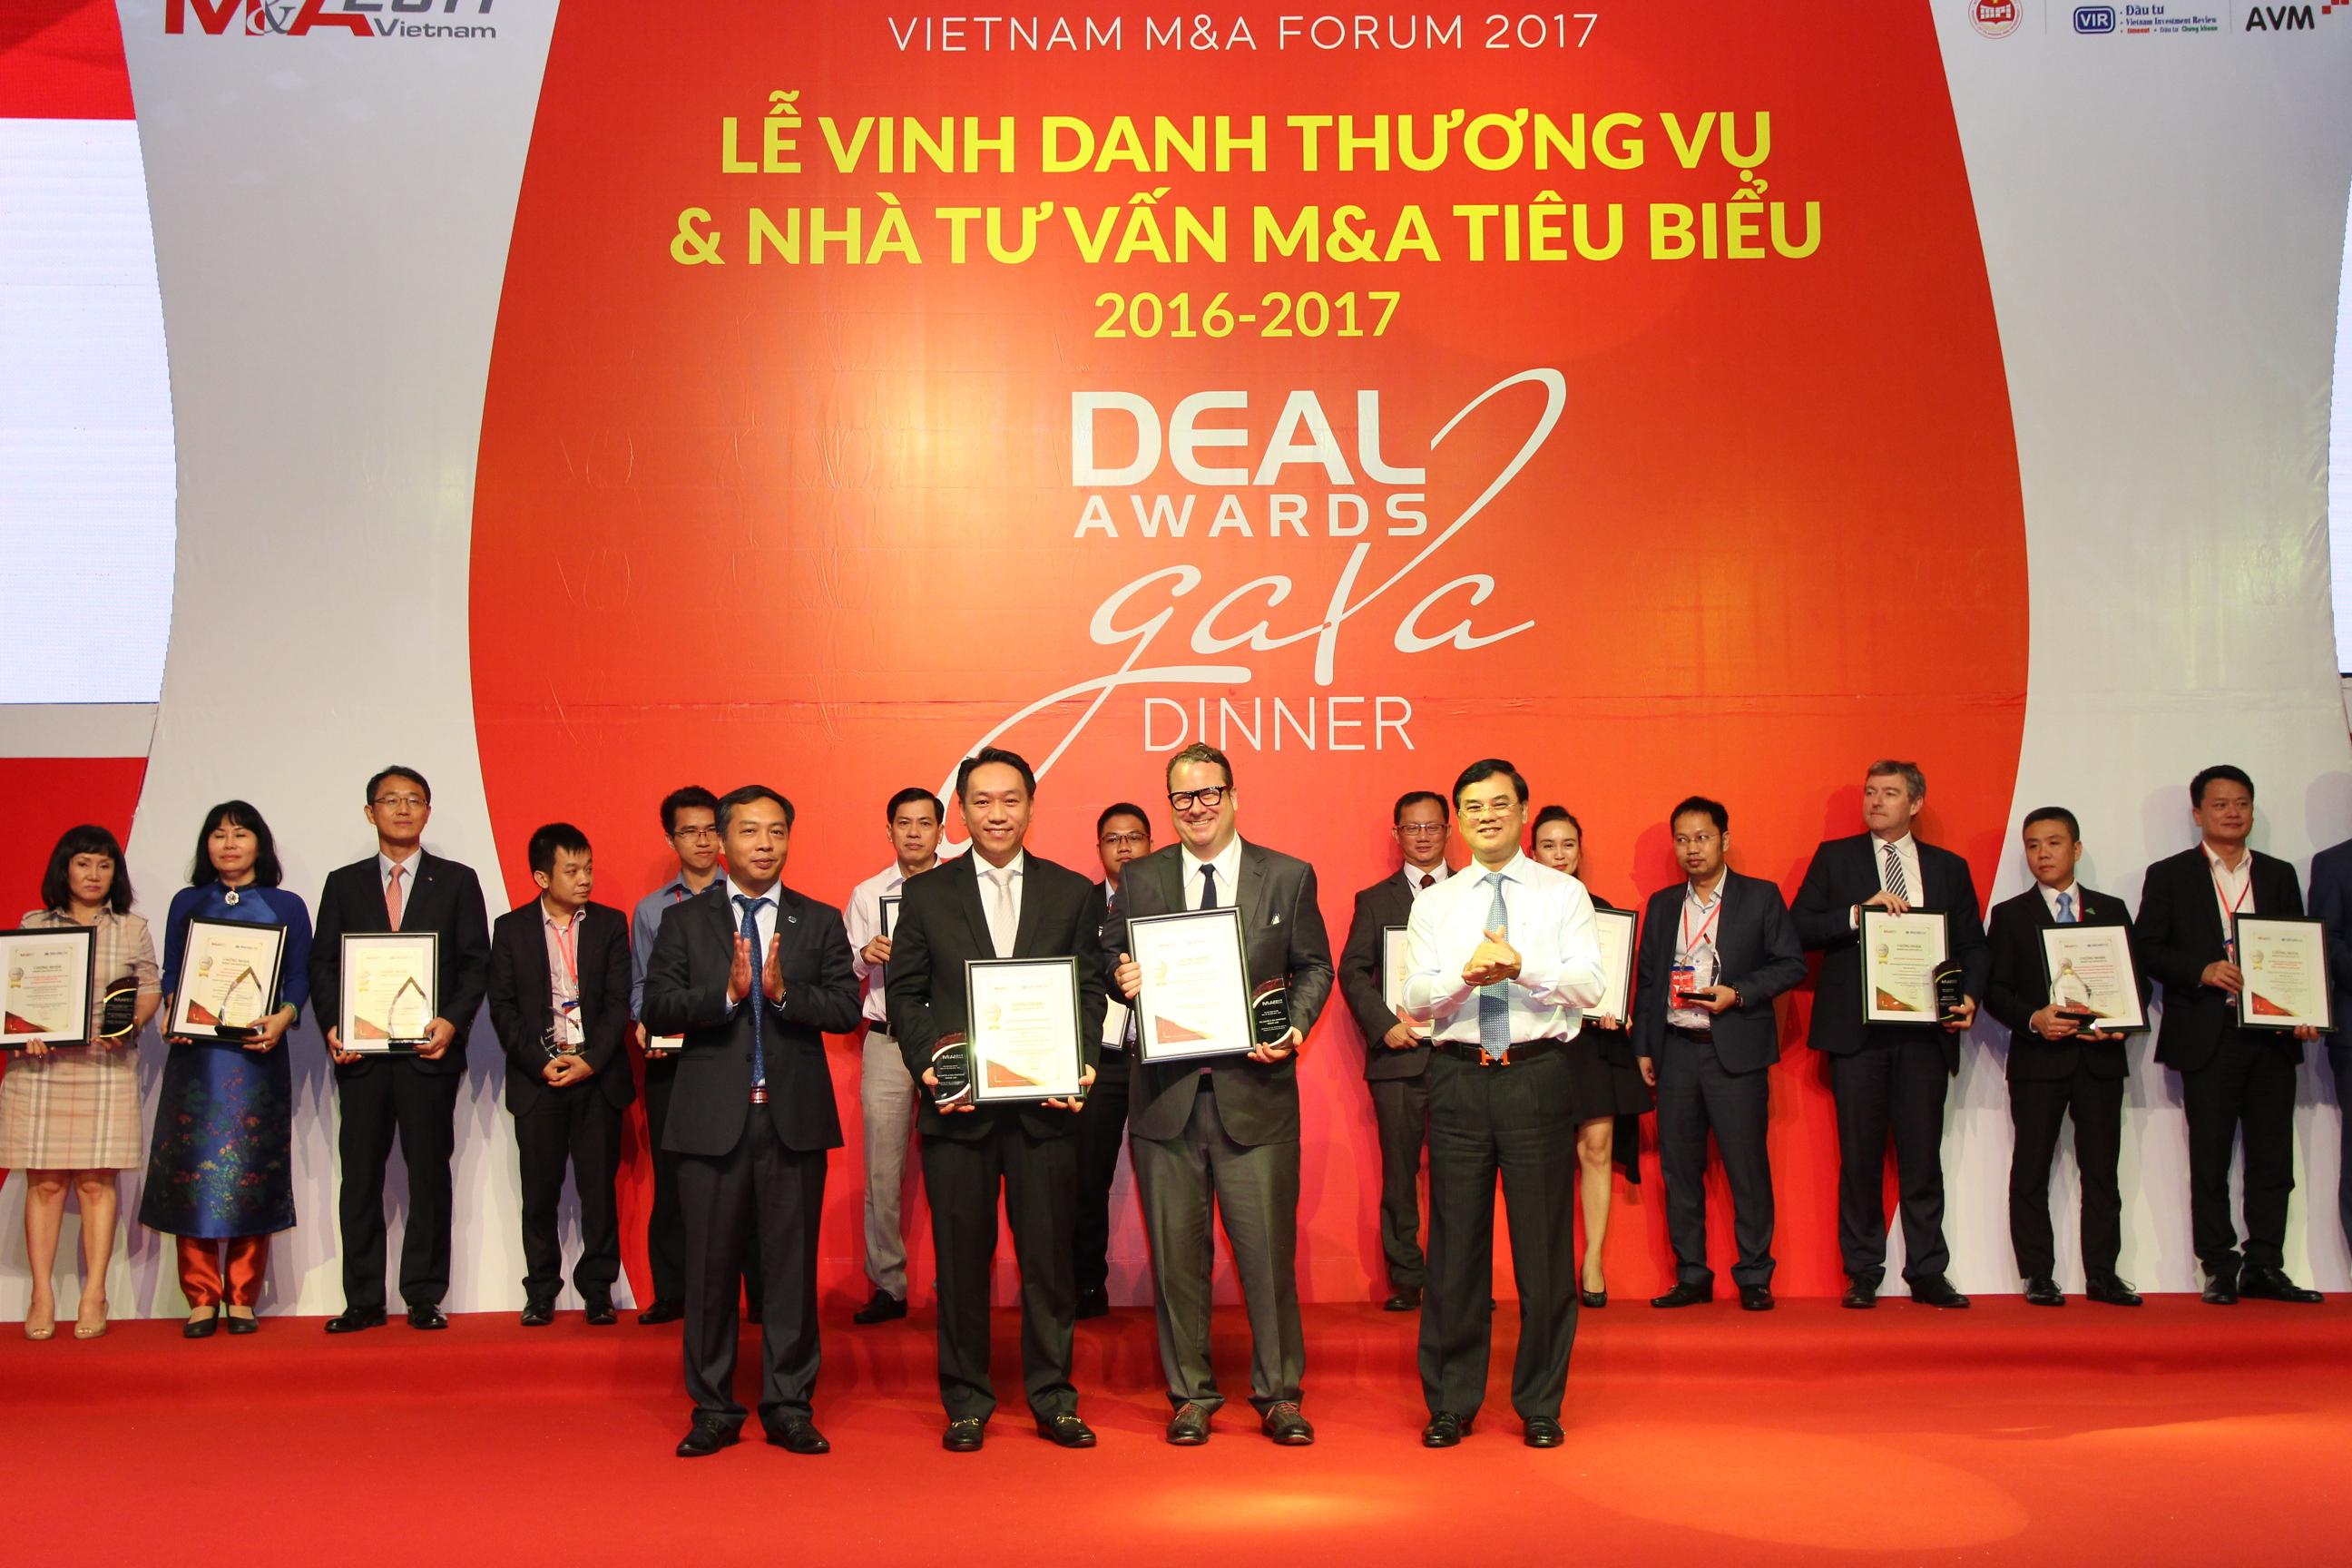 sonkim land named winner of vietnam ma forum 2017